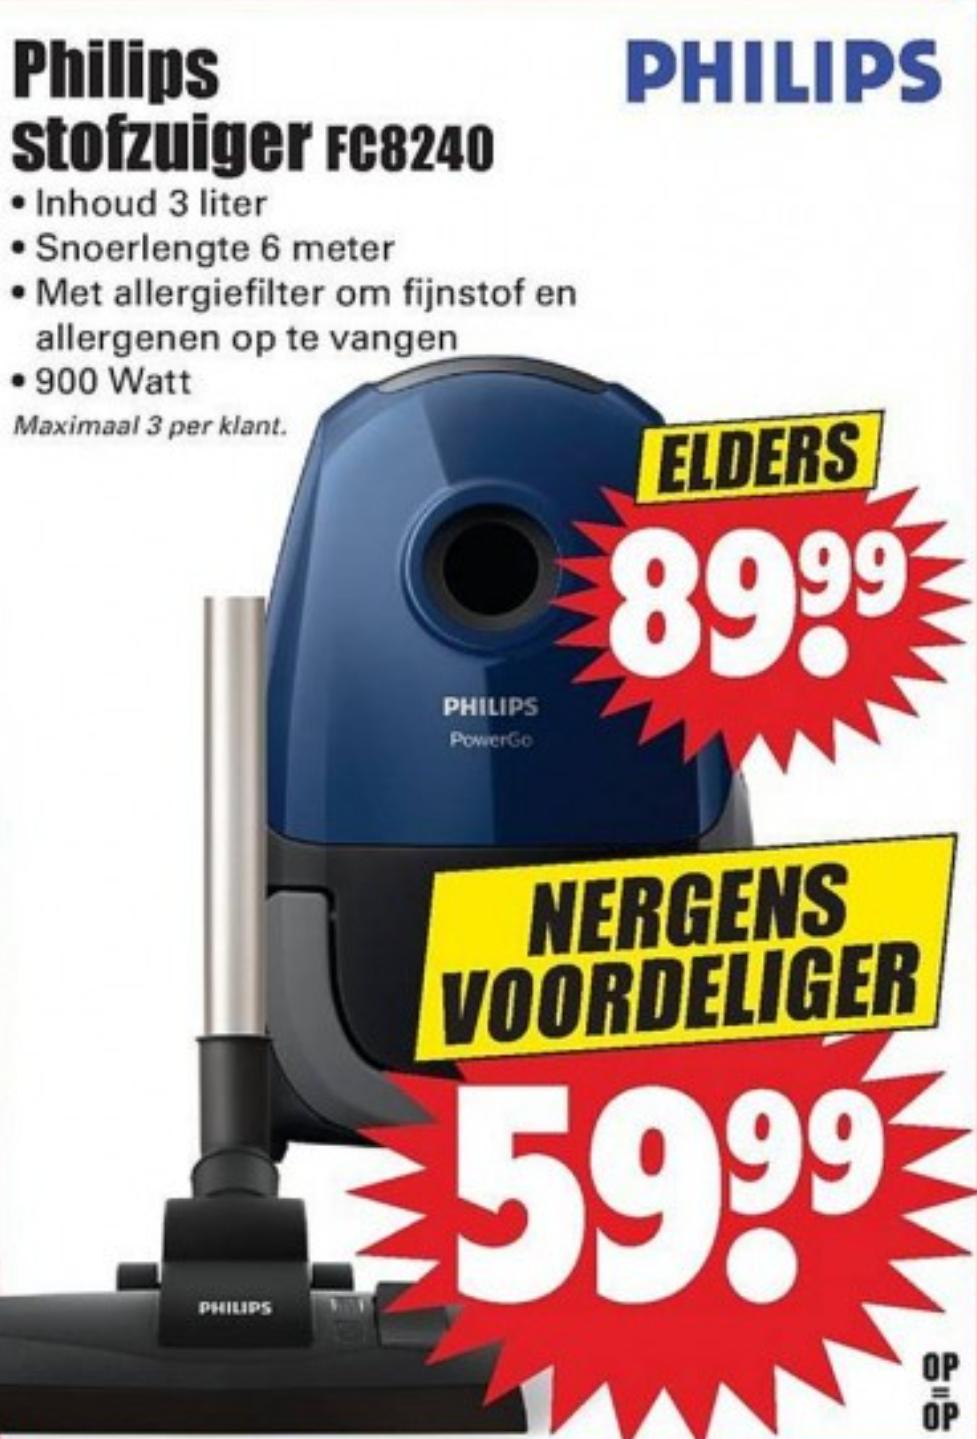 [Vanaf donderdag] Philips FC8240/09 stofzuiger @ Dirk